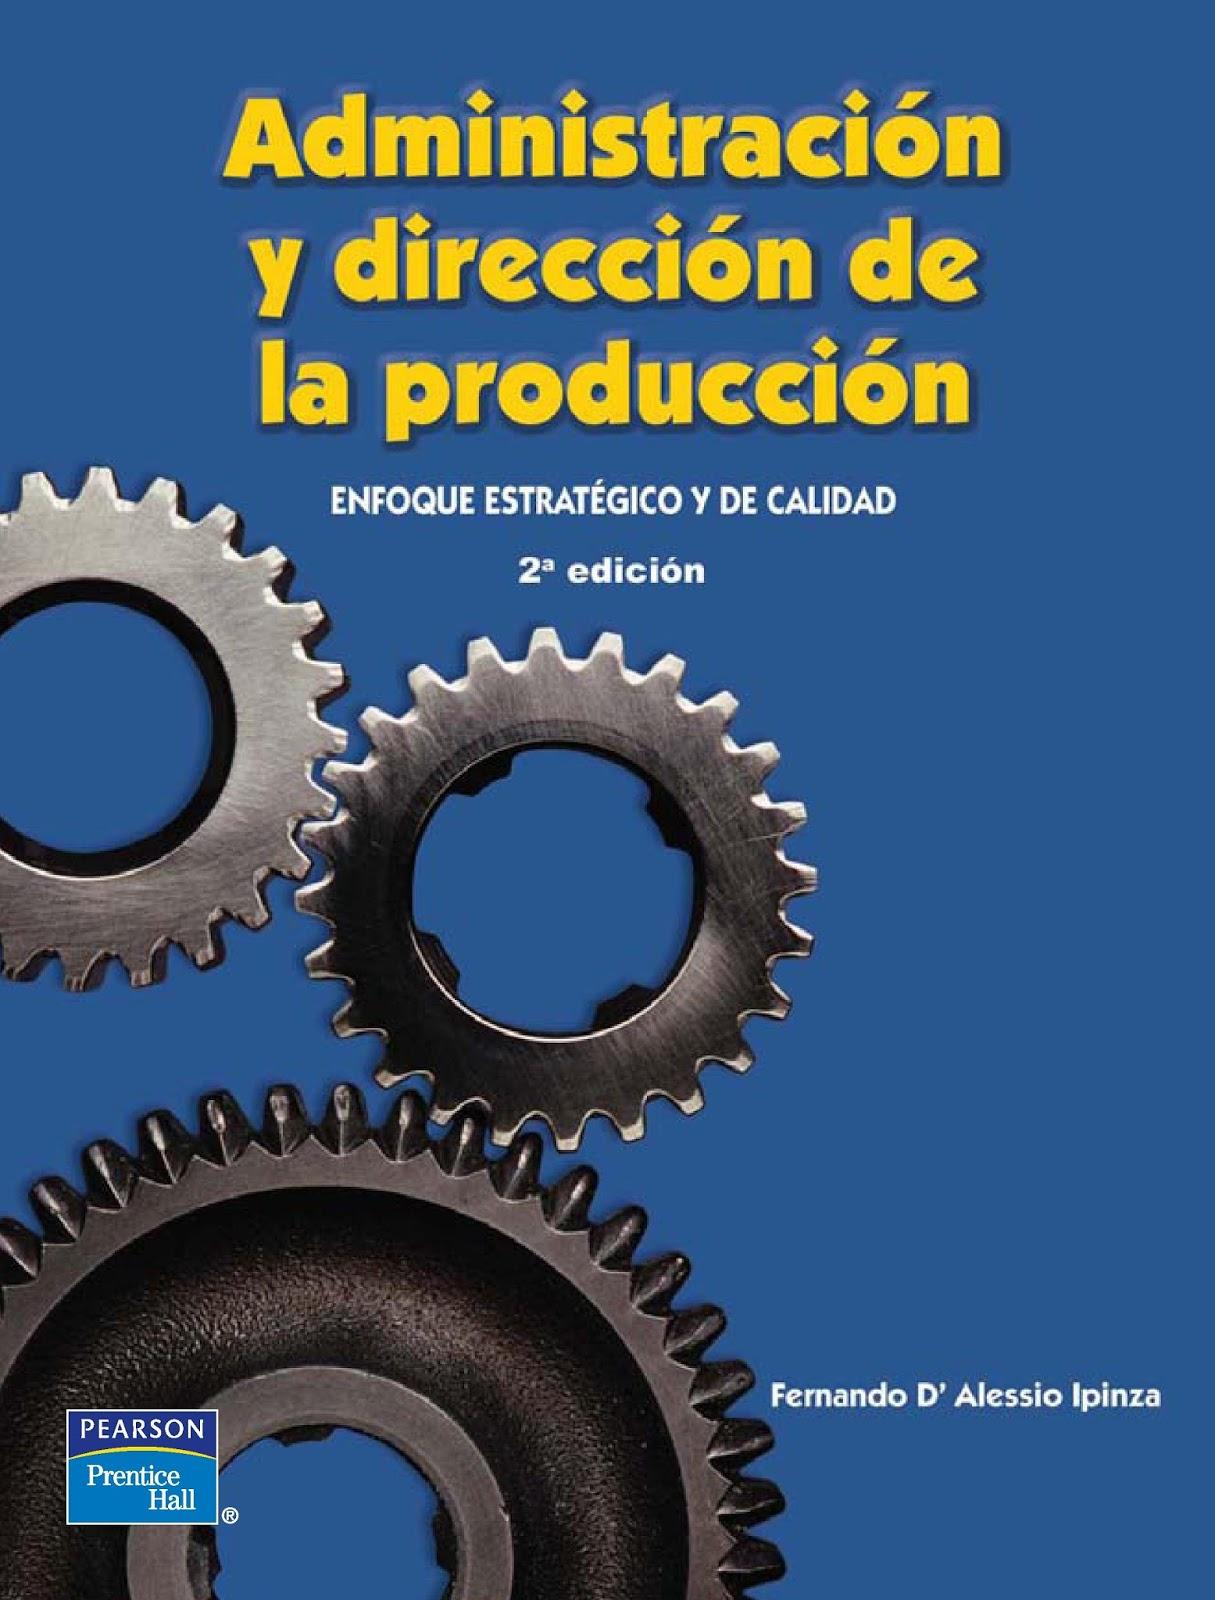 Administración y dirección de la producción: Enfoque estratégico y de la calidad, 2da Edición – Fernando D´Alessio Ipinza